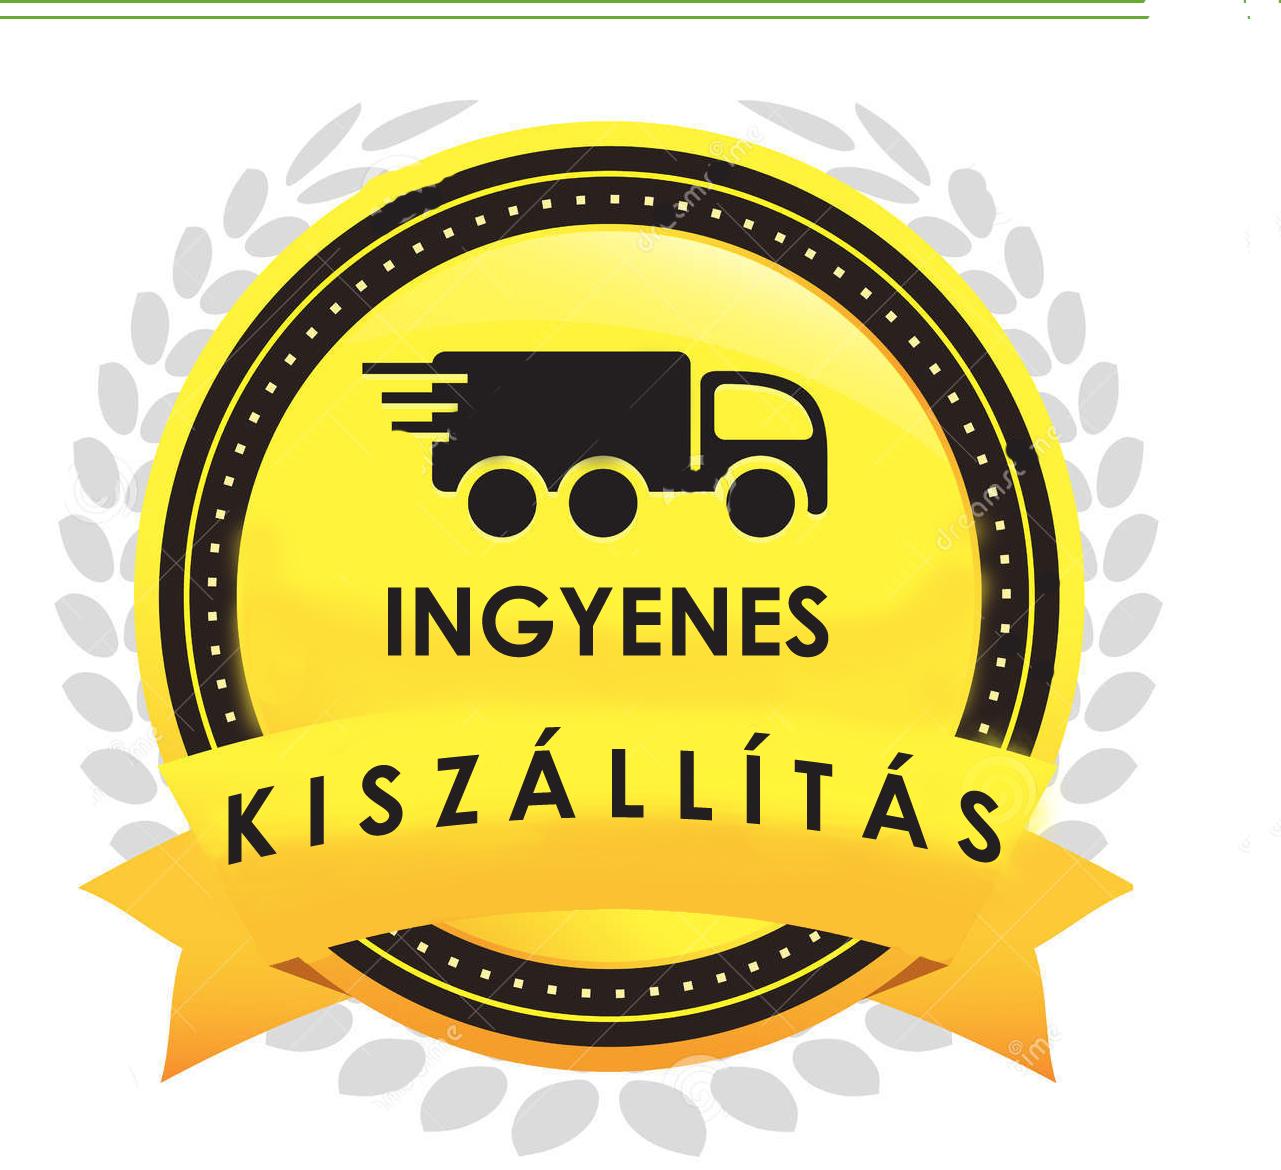 free kiszallitas copy